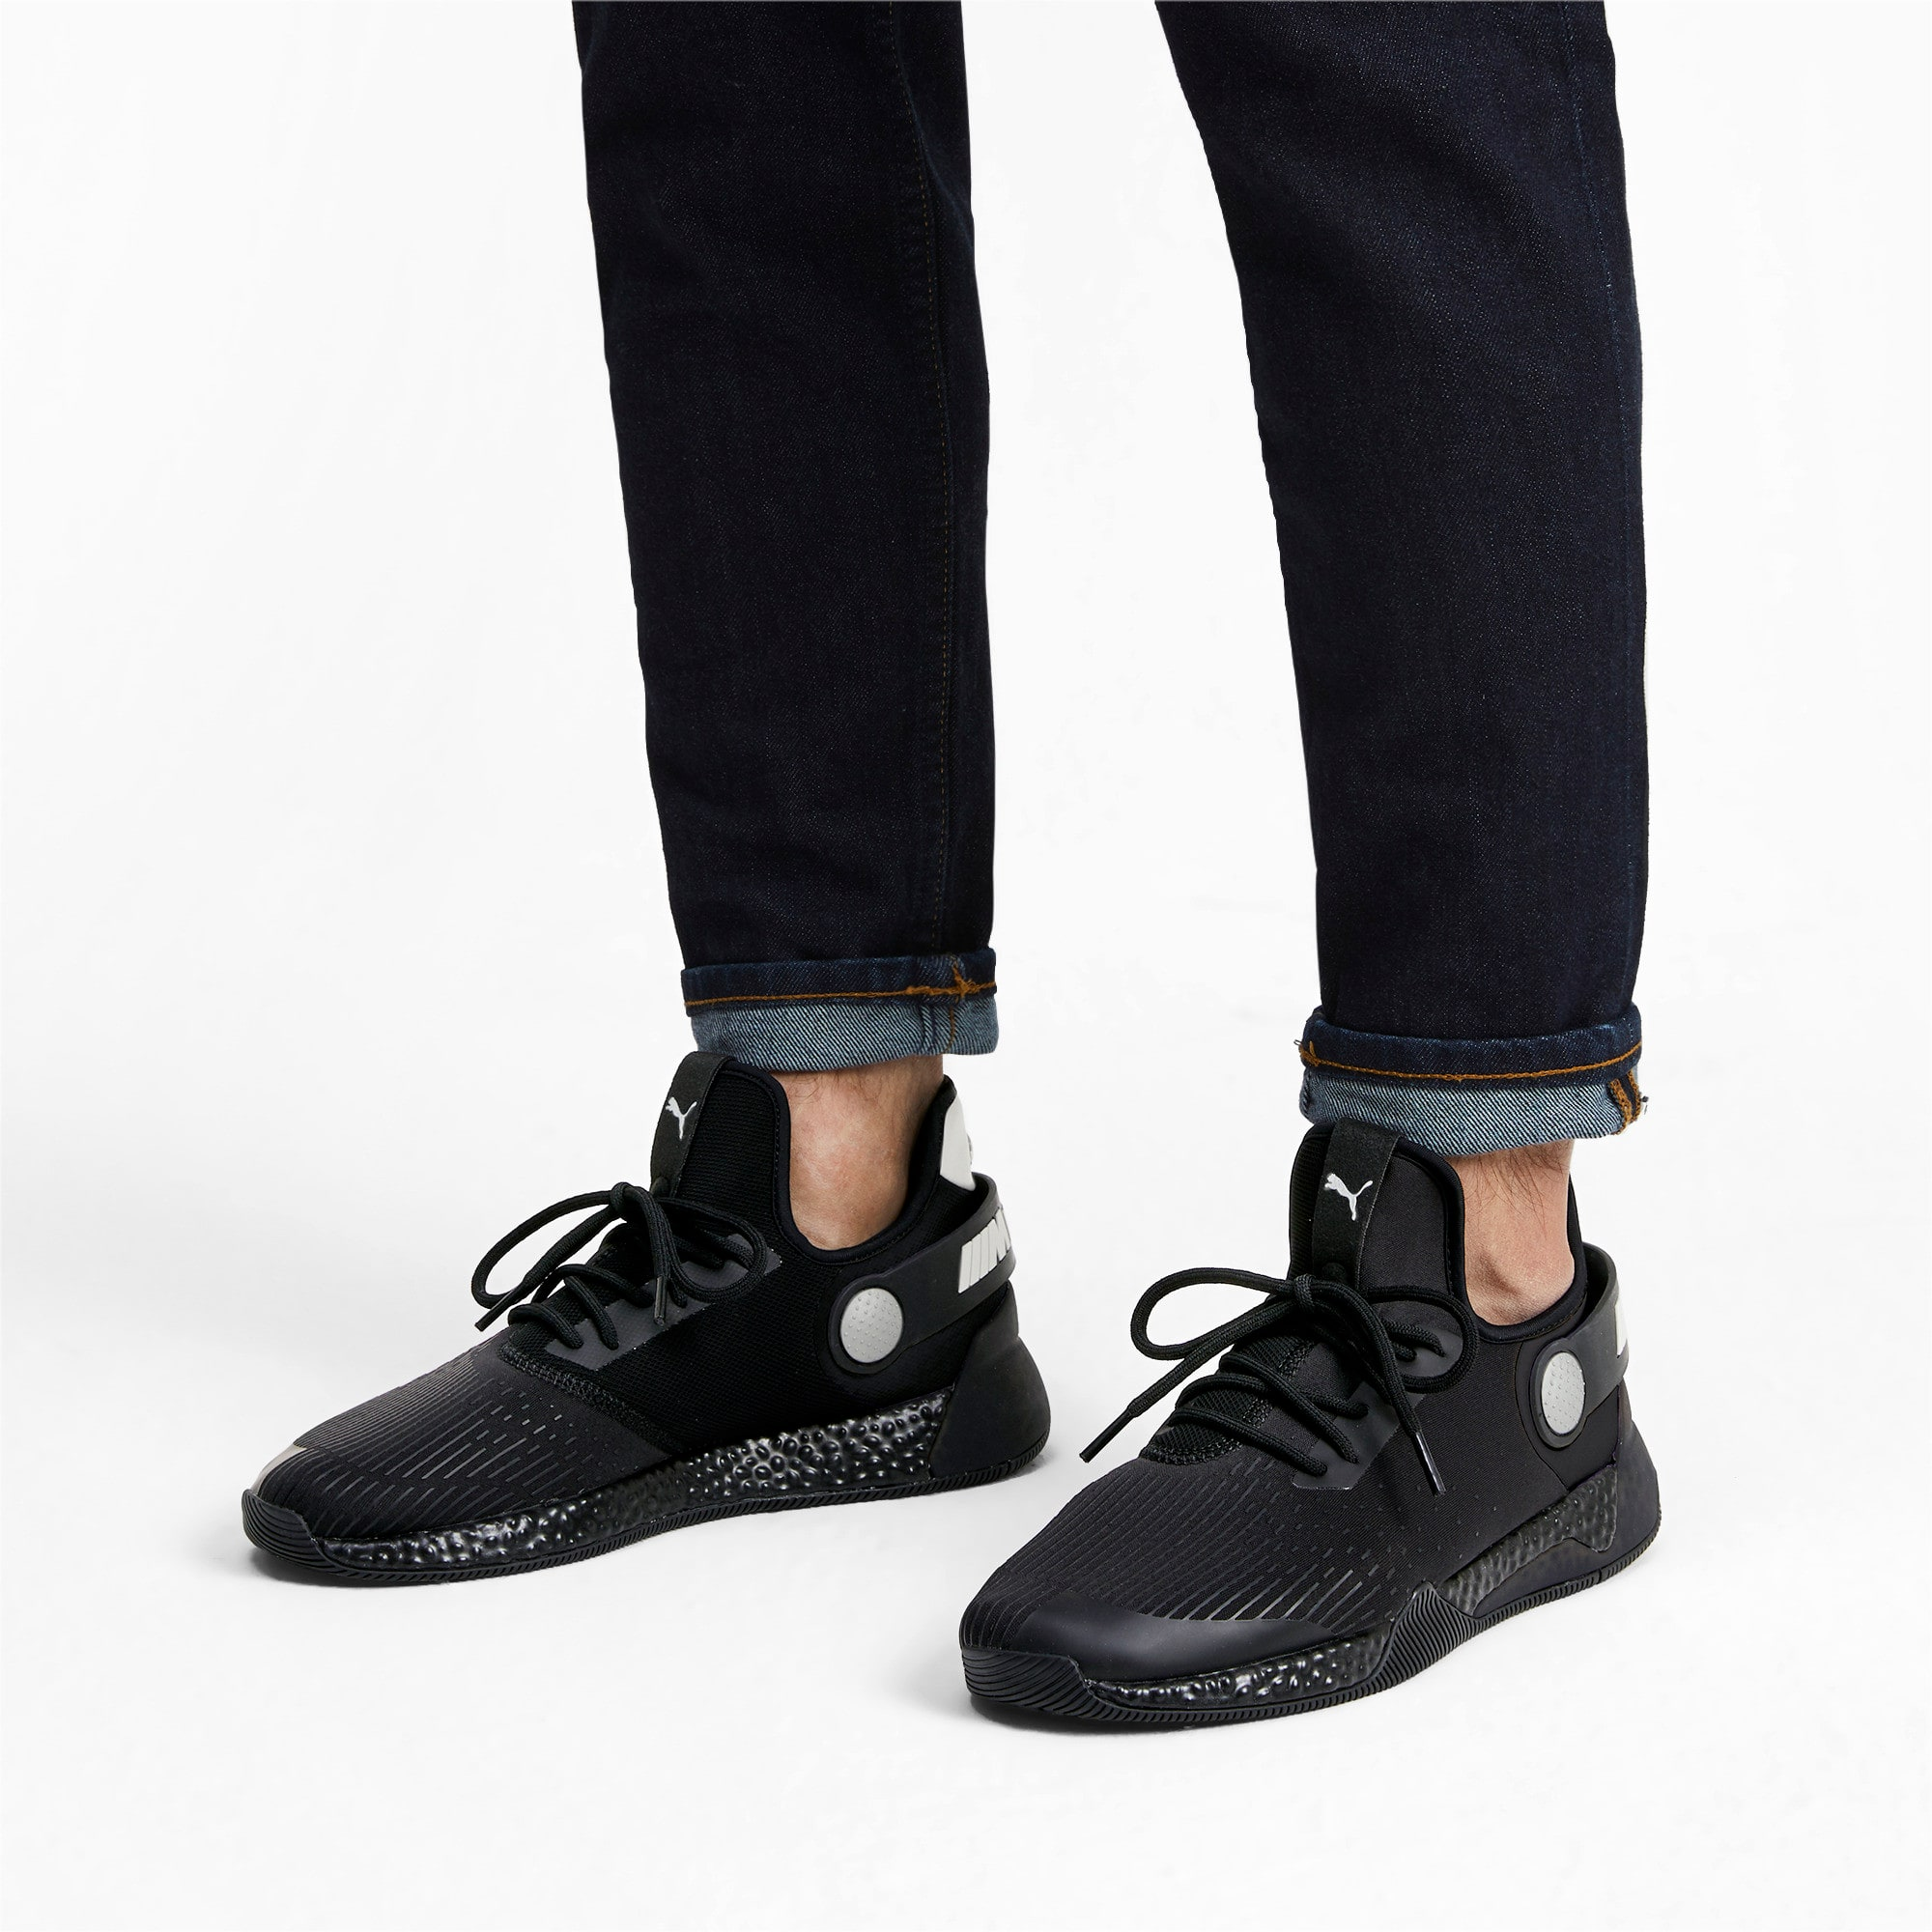 Miniatura 2 de Zapatos para correr BMW M Motorsport HYBRID para hombre, Negro-Negro-Blanco, mediano